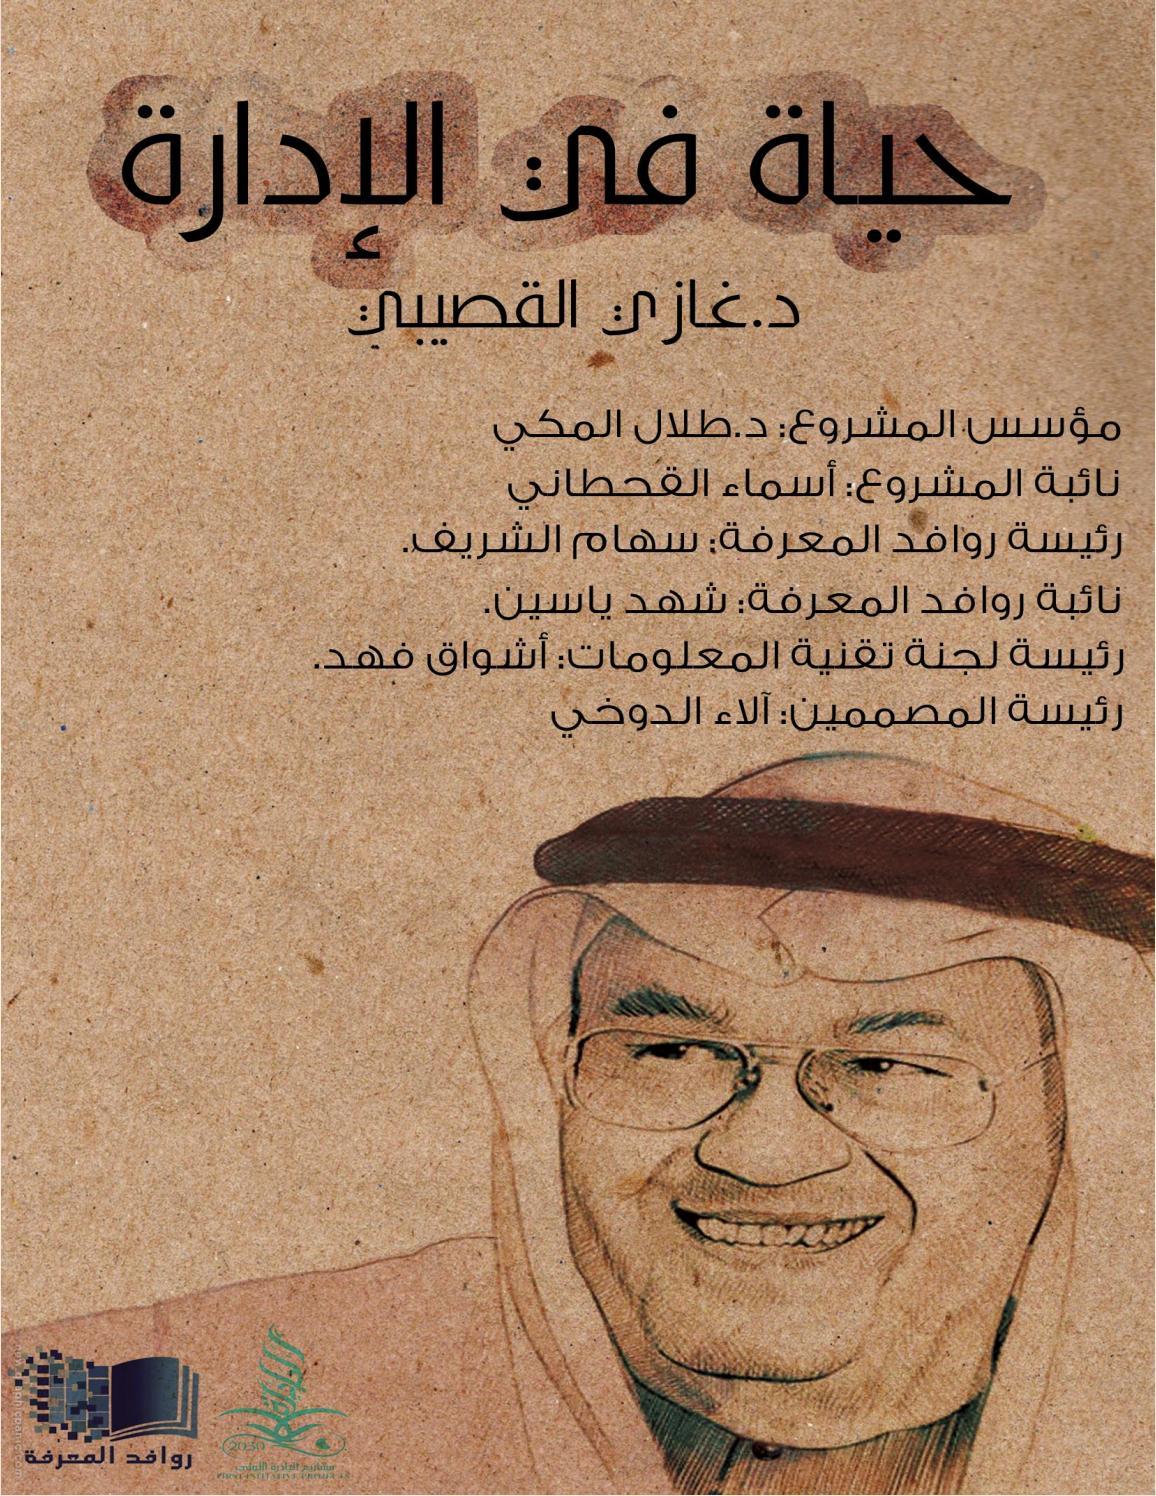 ملخص كتاب حياة في الادارة By Rawafed Knowledge Issuu